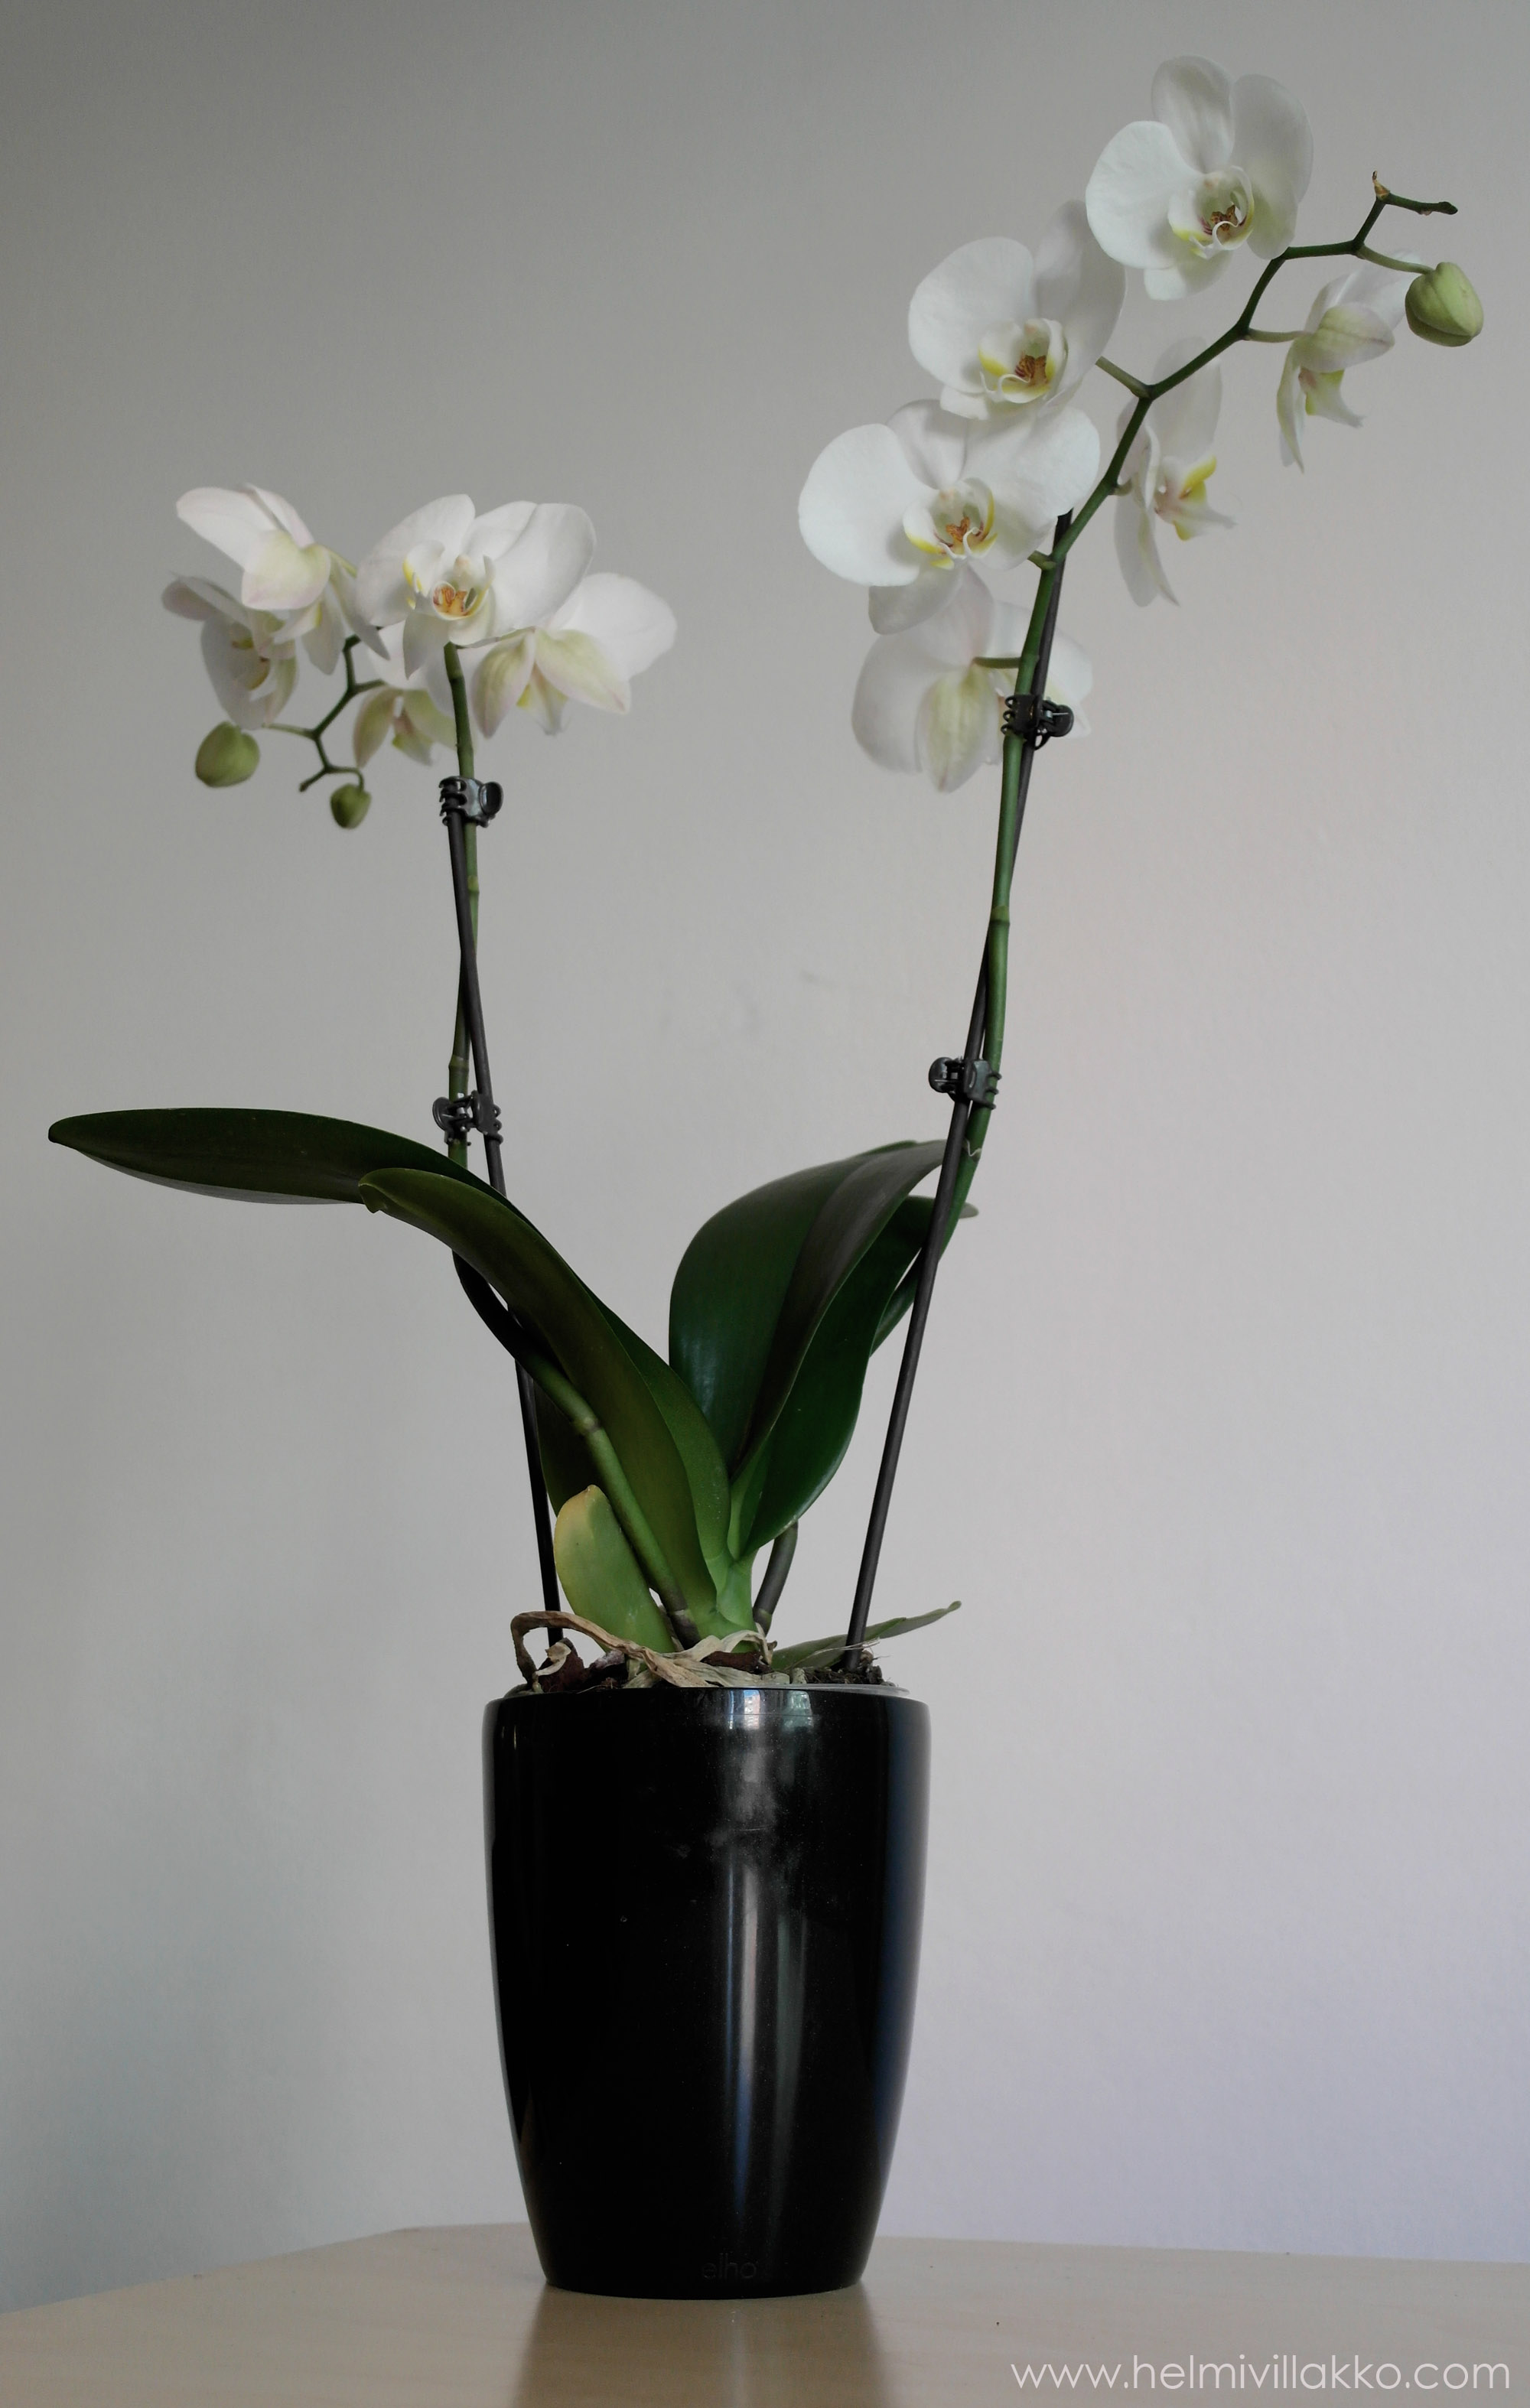 Orkidea Multa